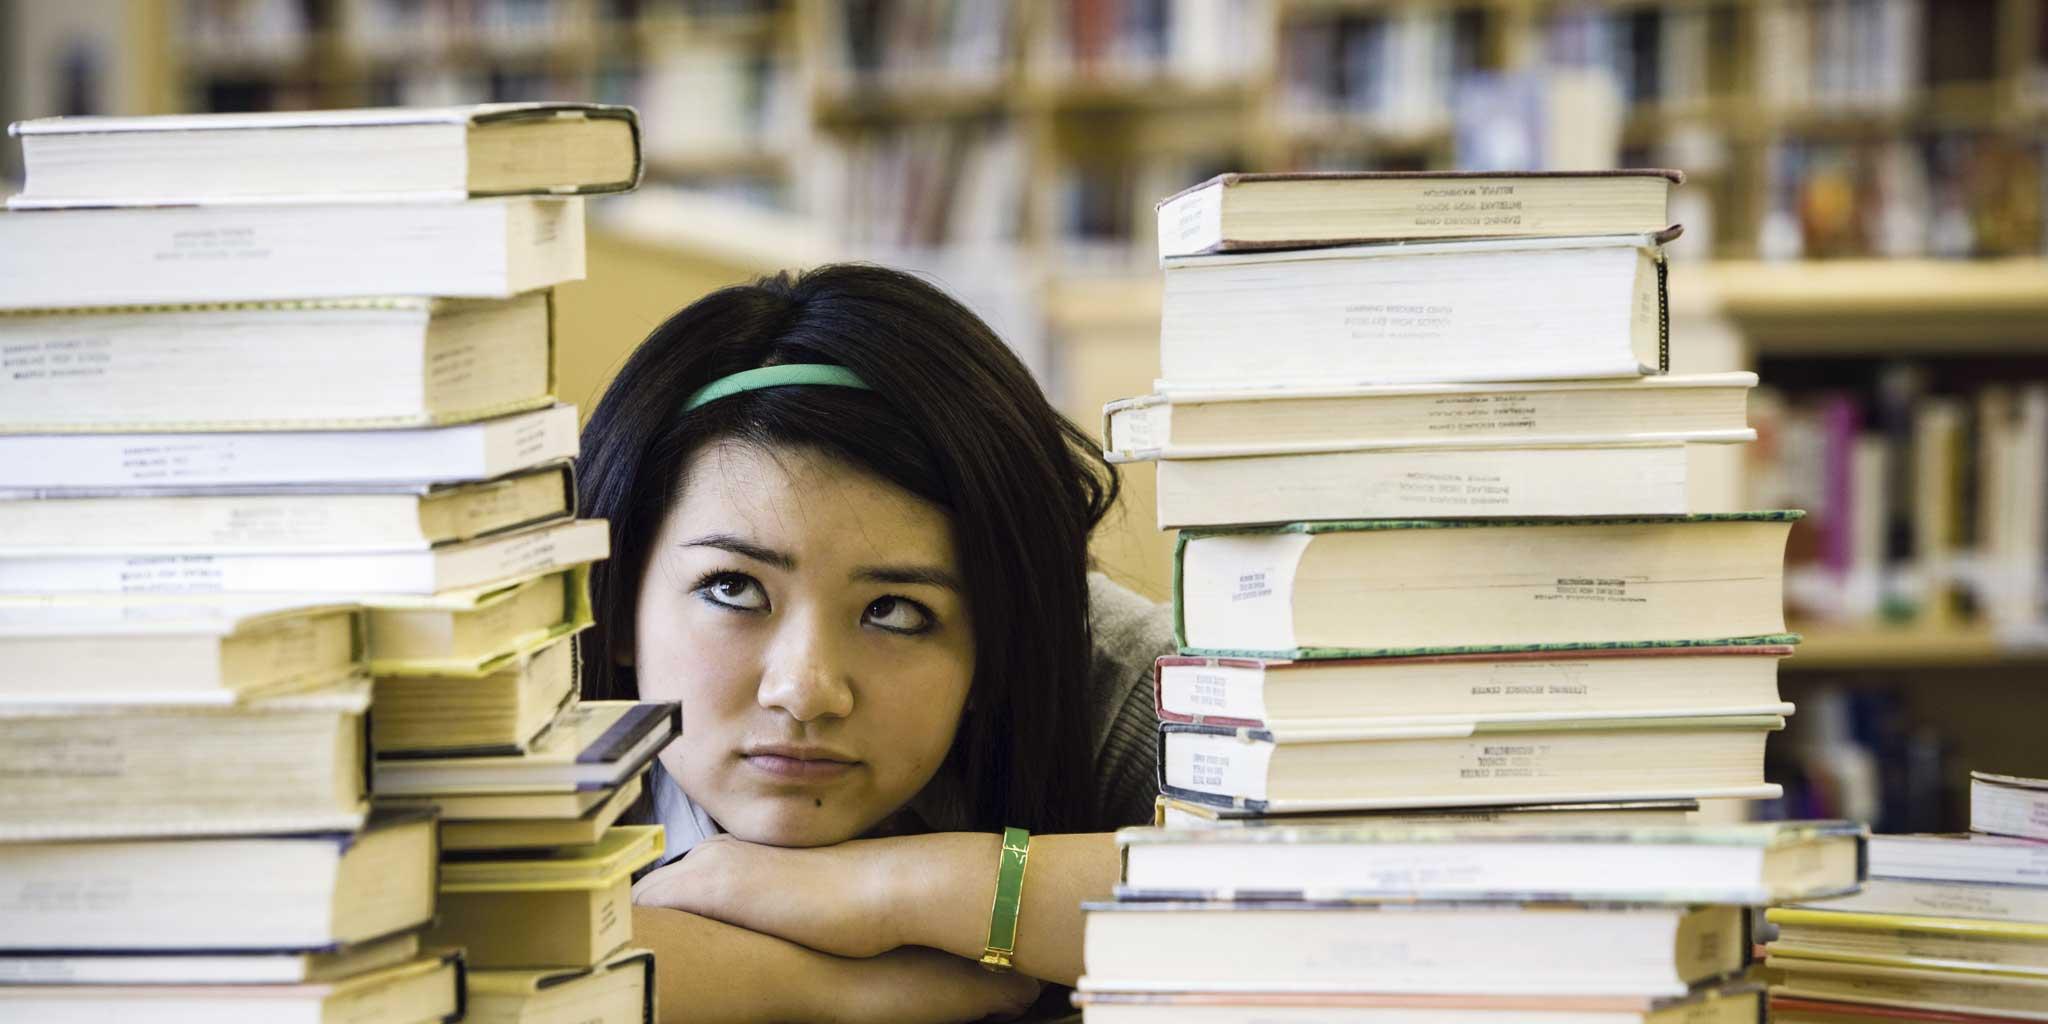 Jong meisje kijkend naar stapel boeken